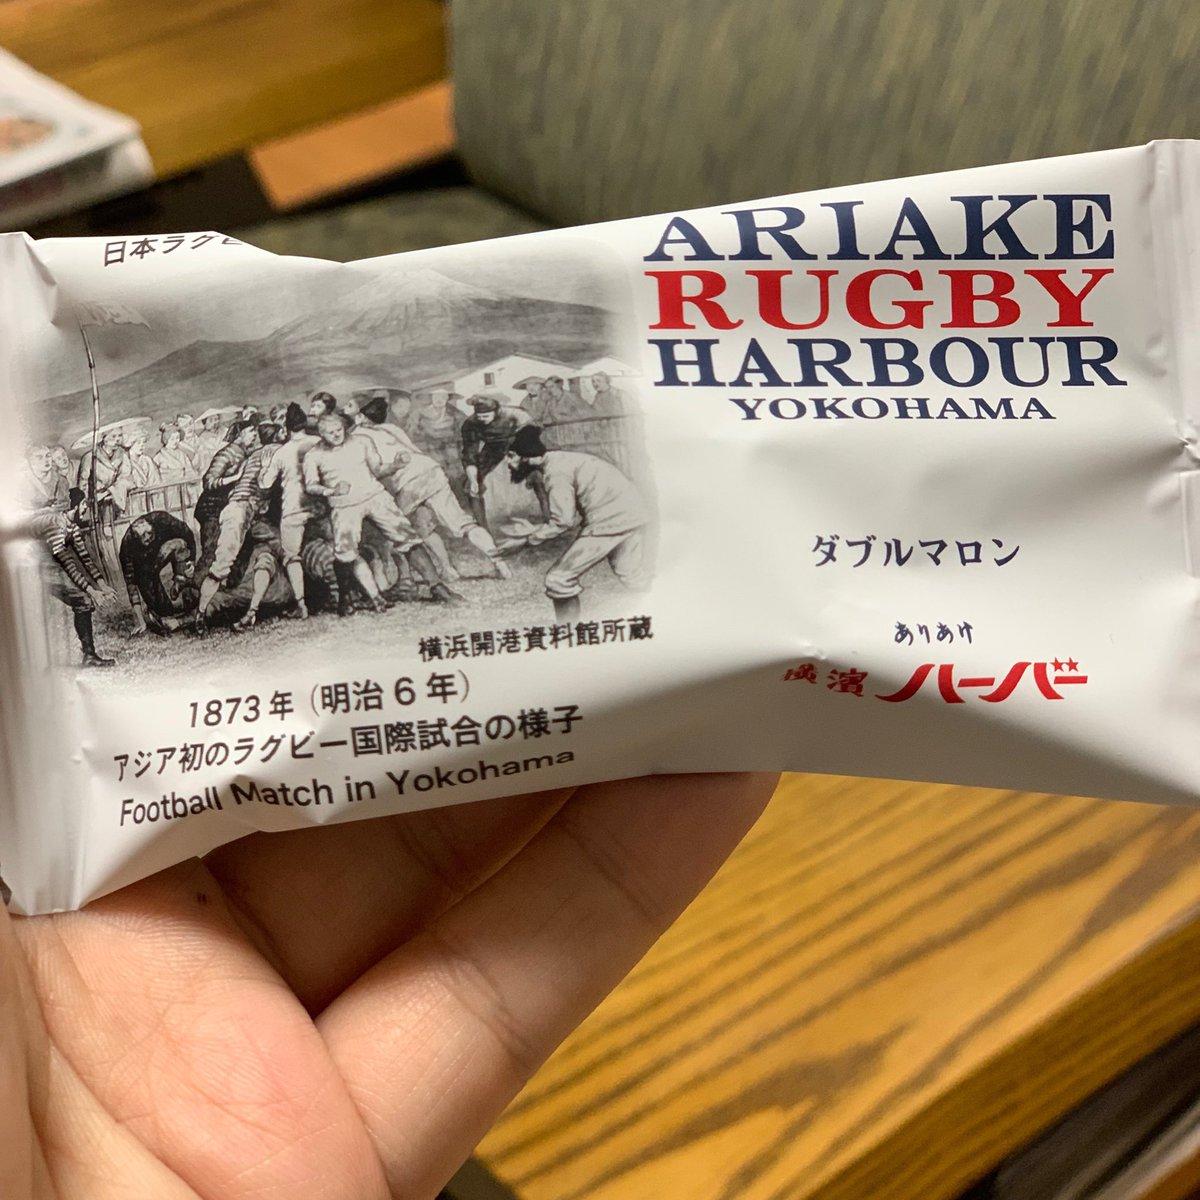 test ツイッターメディア - というわけで(どういうわけ?)←横浜だったから ありあけハーバーのラグビーバージョン食す! https://t.co/FJCEudu2Ti